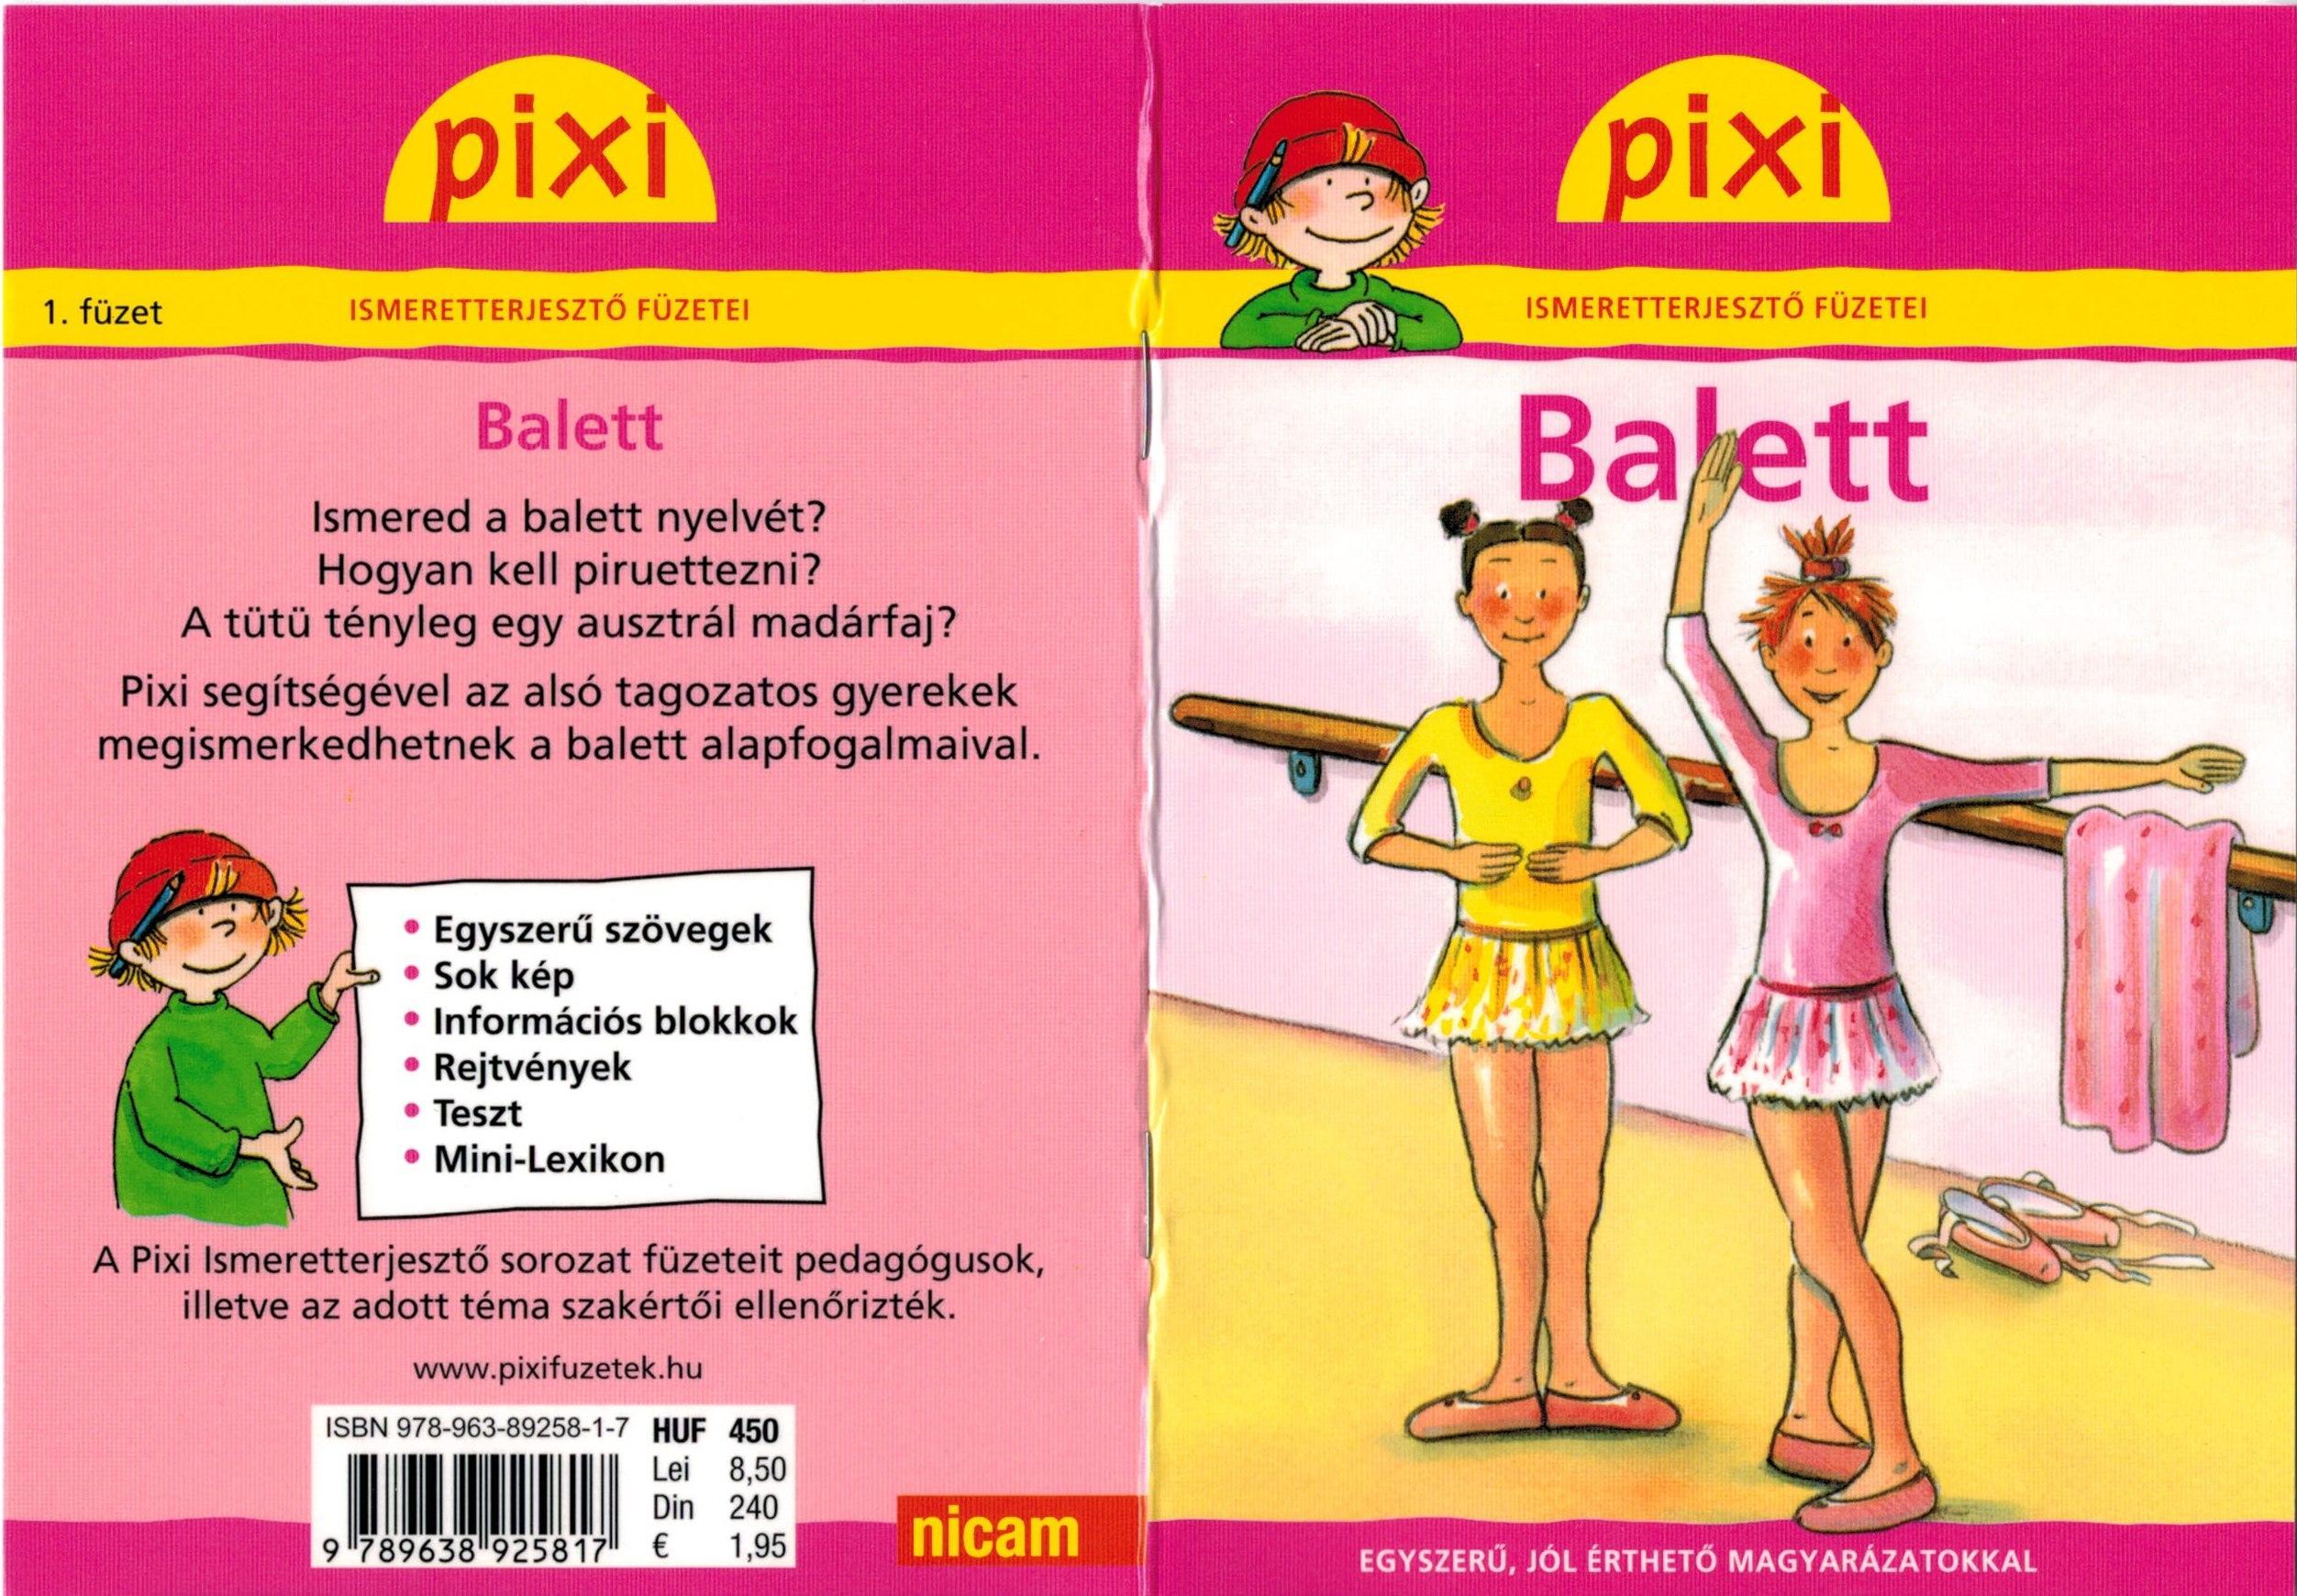 BALETT - PIXI ISMERETTERJESZTŐ FÜZETEI